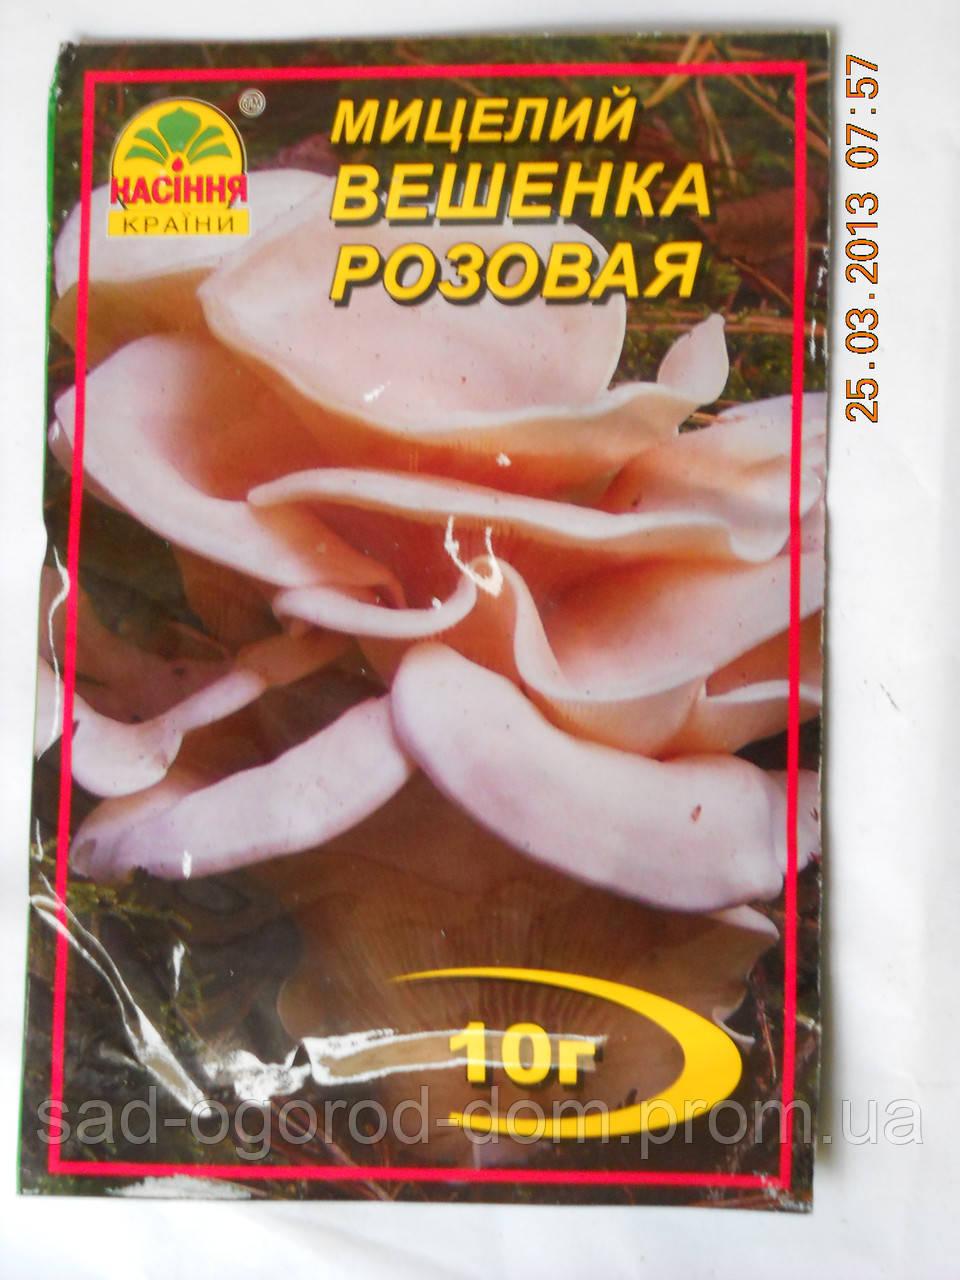 Мицелий Вешенки Розовой